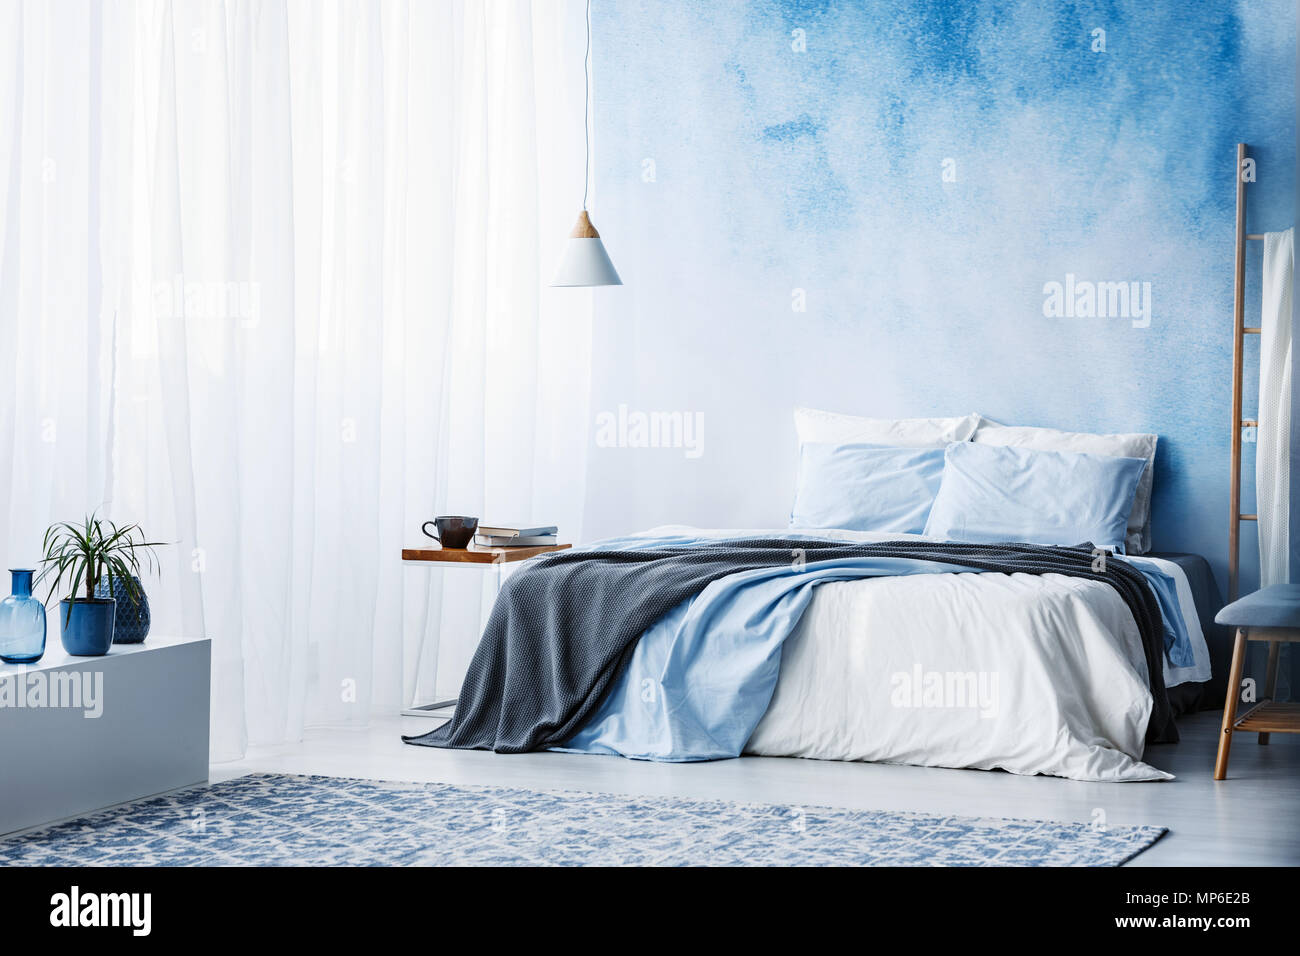 Camere Da Letto Blu : Impianto su bianco armadio nella spaziosa camera da letto blu